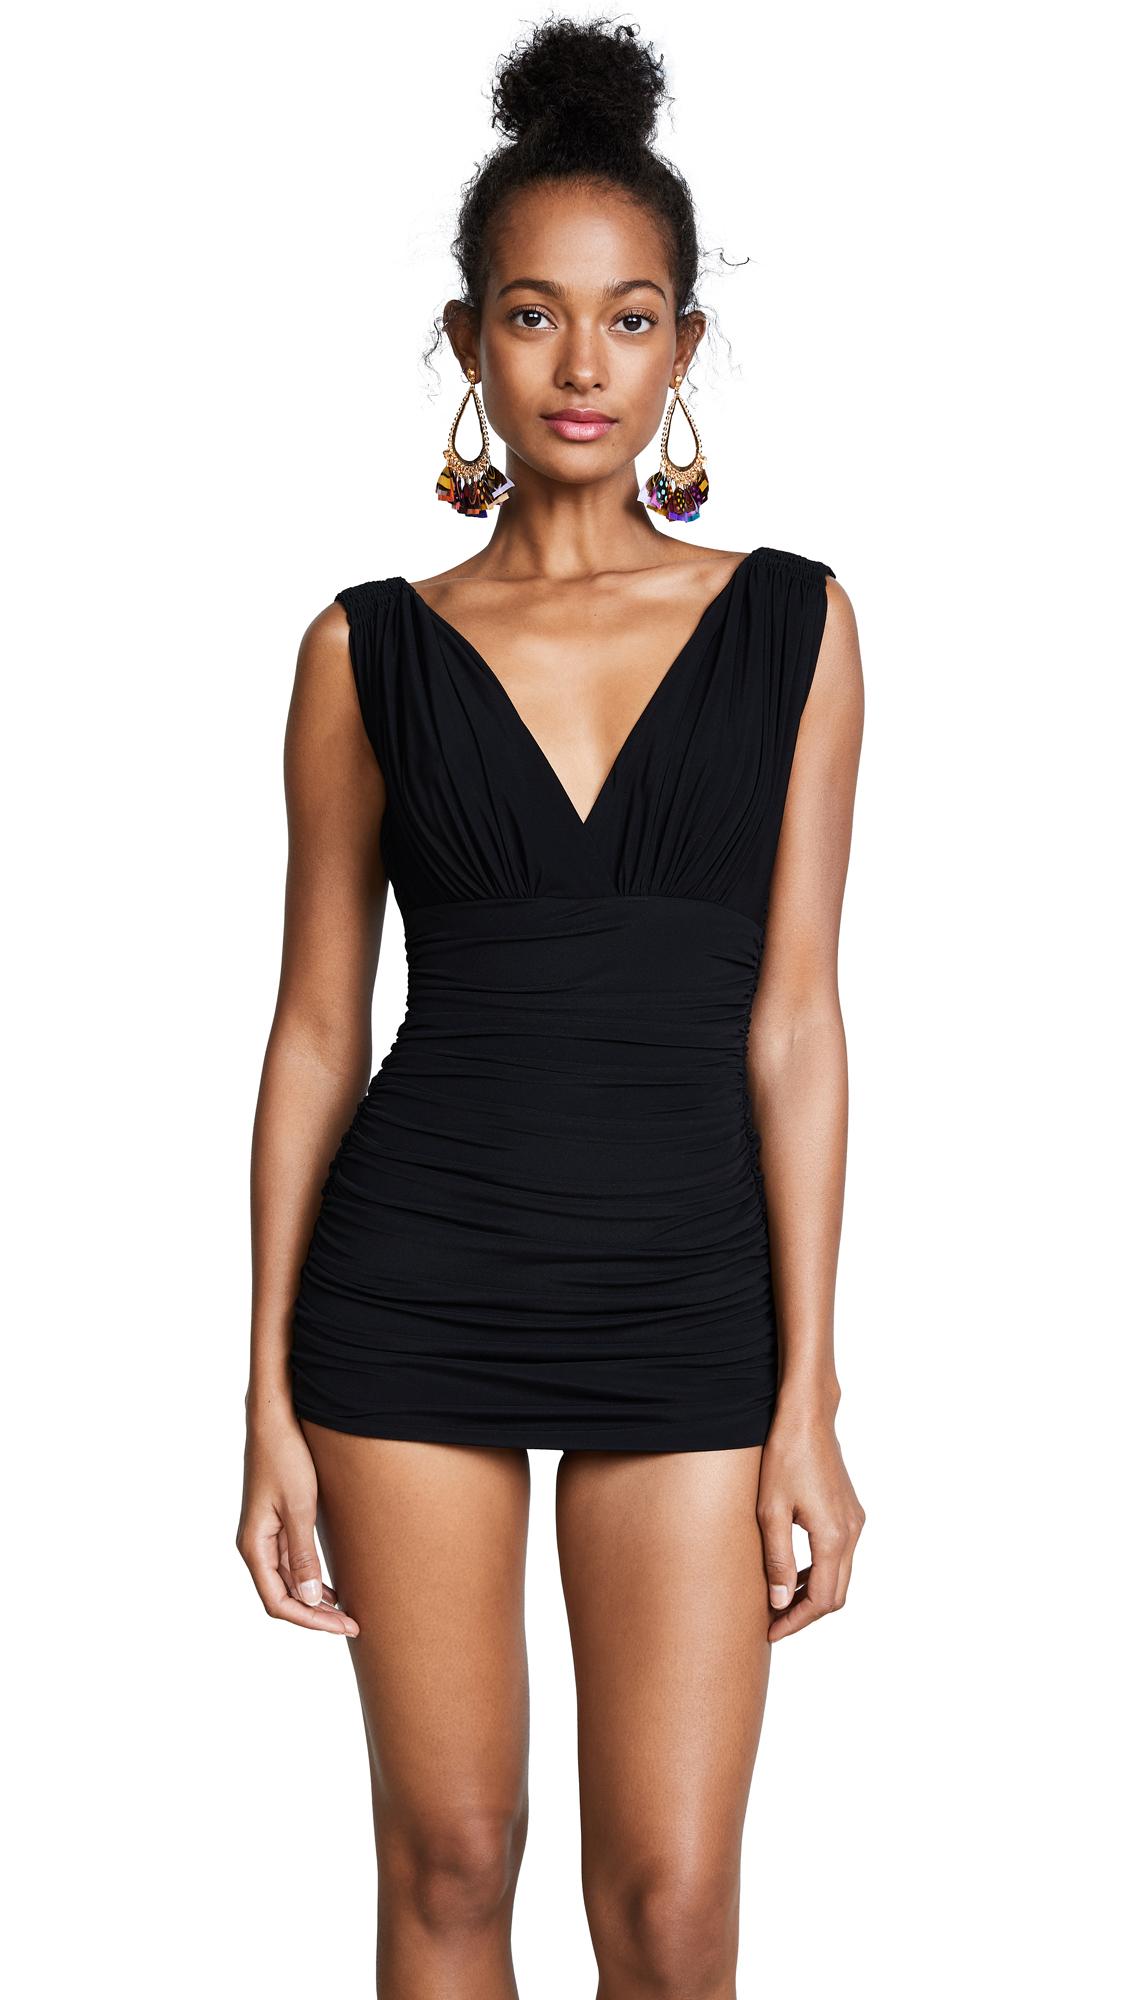 Norma Kamali Tara Swim Dress